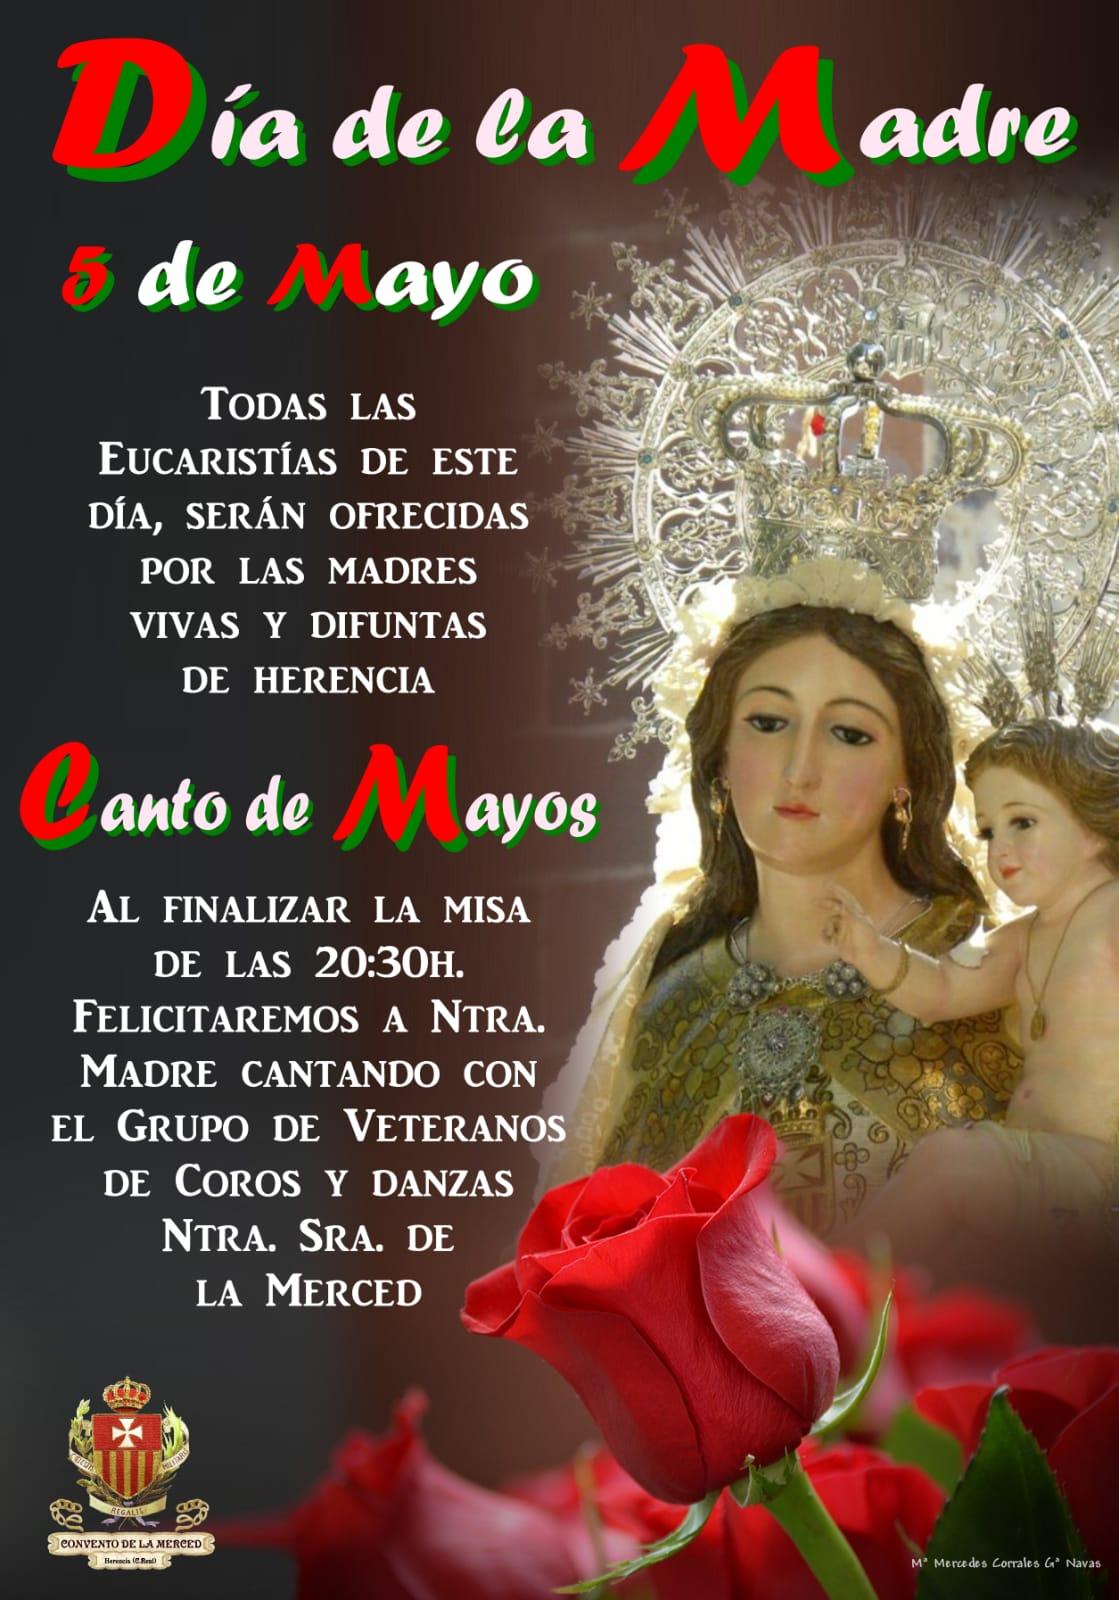 D%C3%ADa de la Madre y Canto de mayos en La Merced - Celebraciones religiosas en la parroquia y el convento con motivo del Día de la Madre